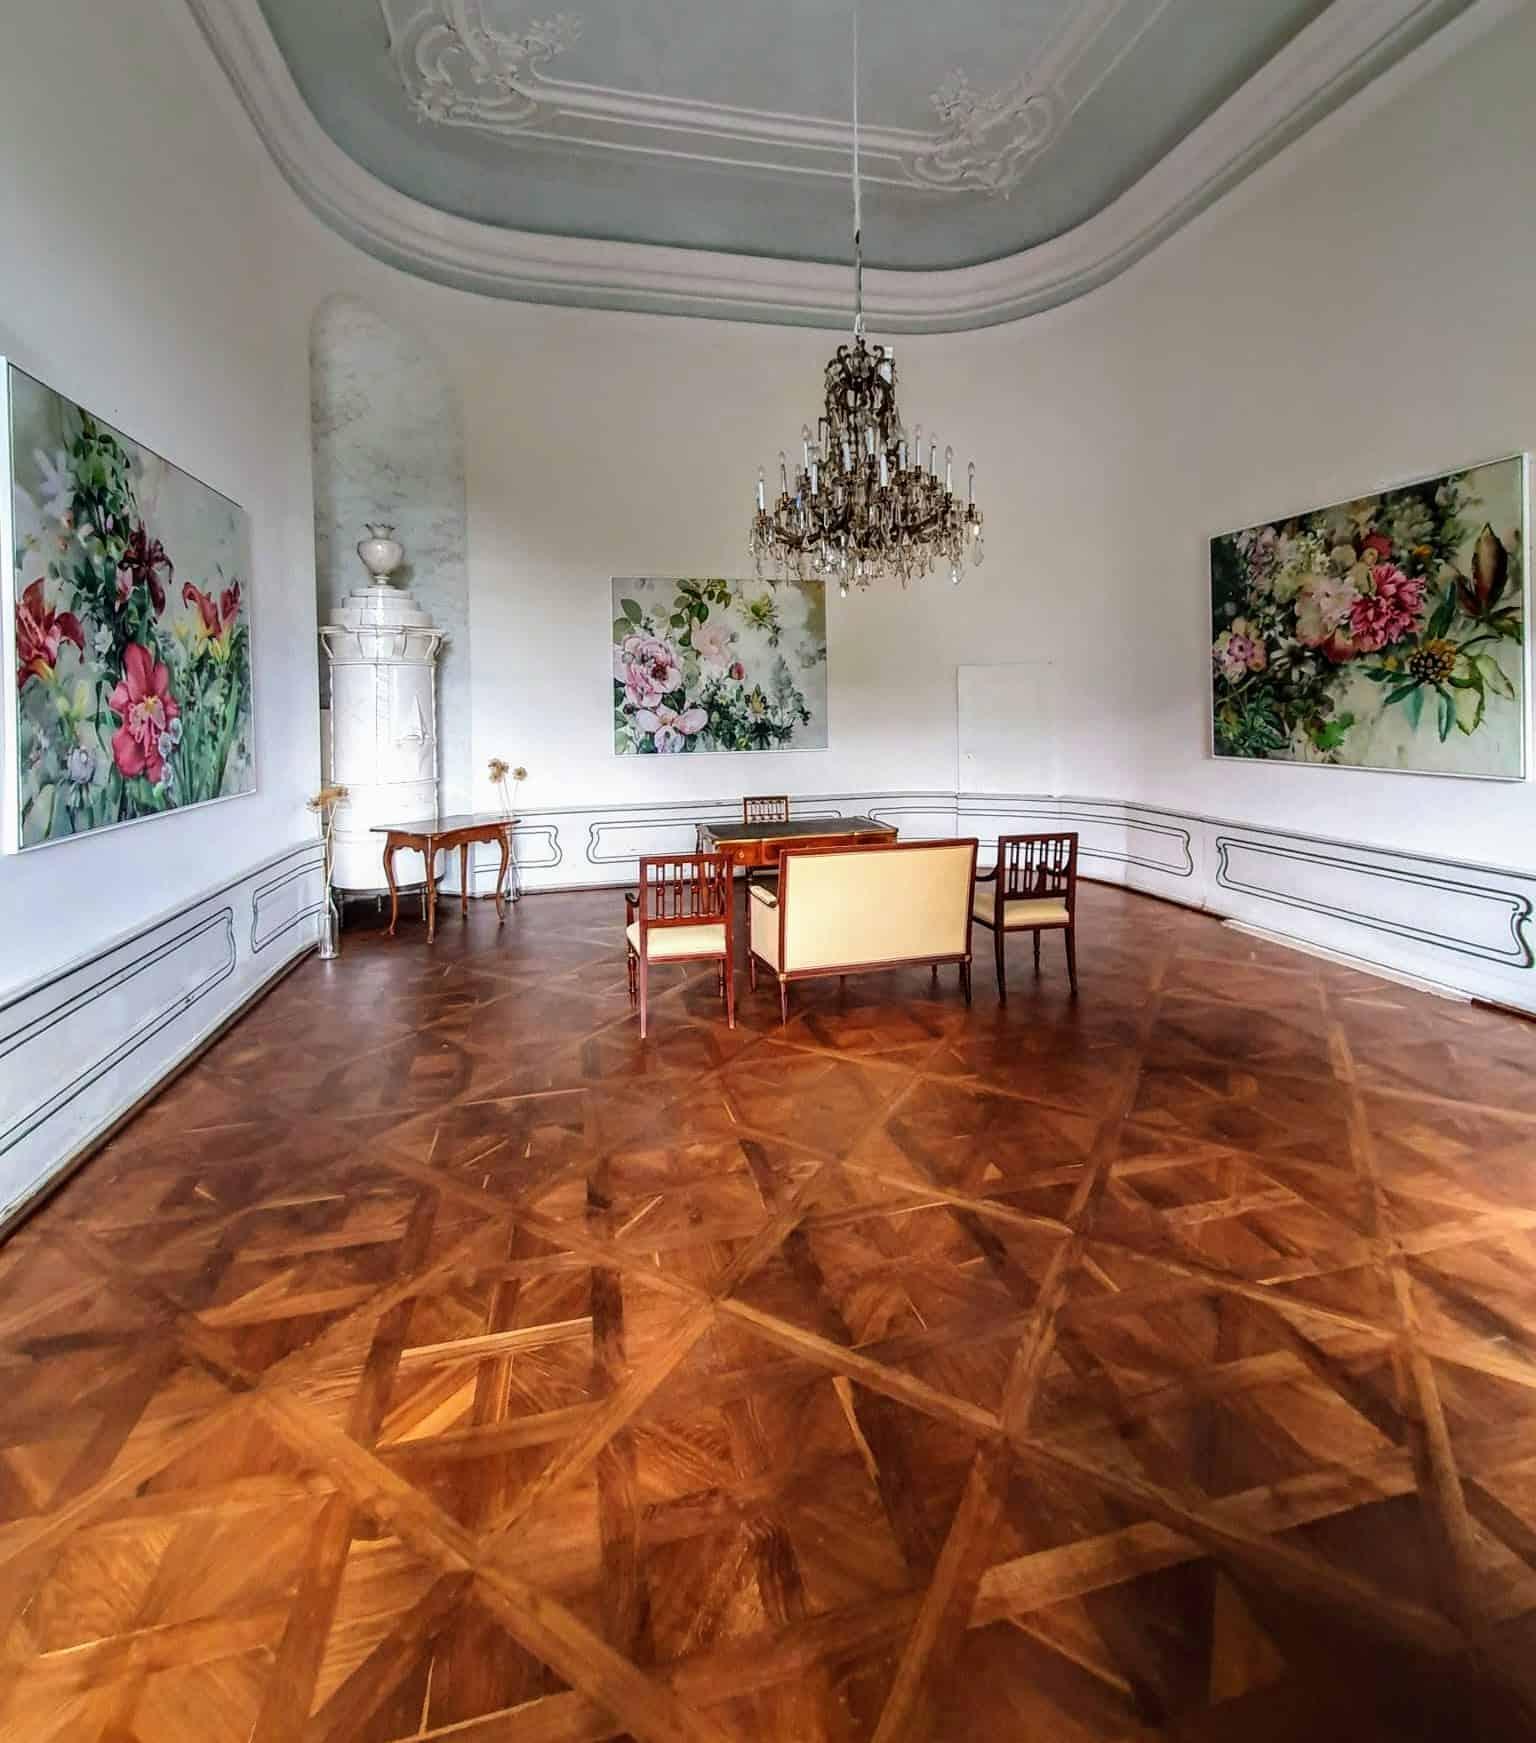 Trauungssaal im Schloss Rosegg in Kärnten, Österreich